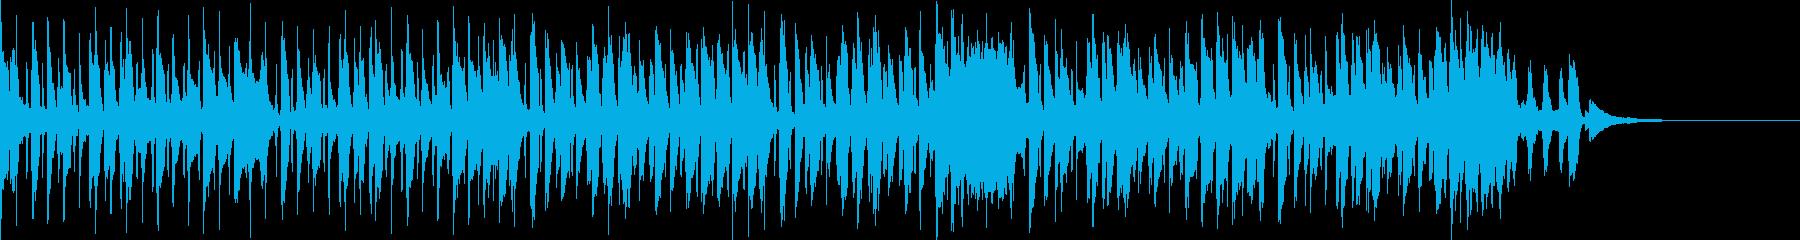 Pf「楽観」和風現代ジャズの再生済みの波形